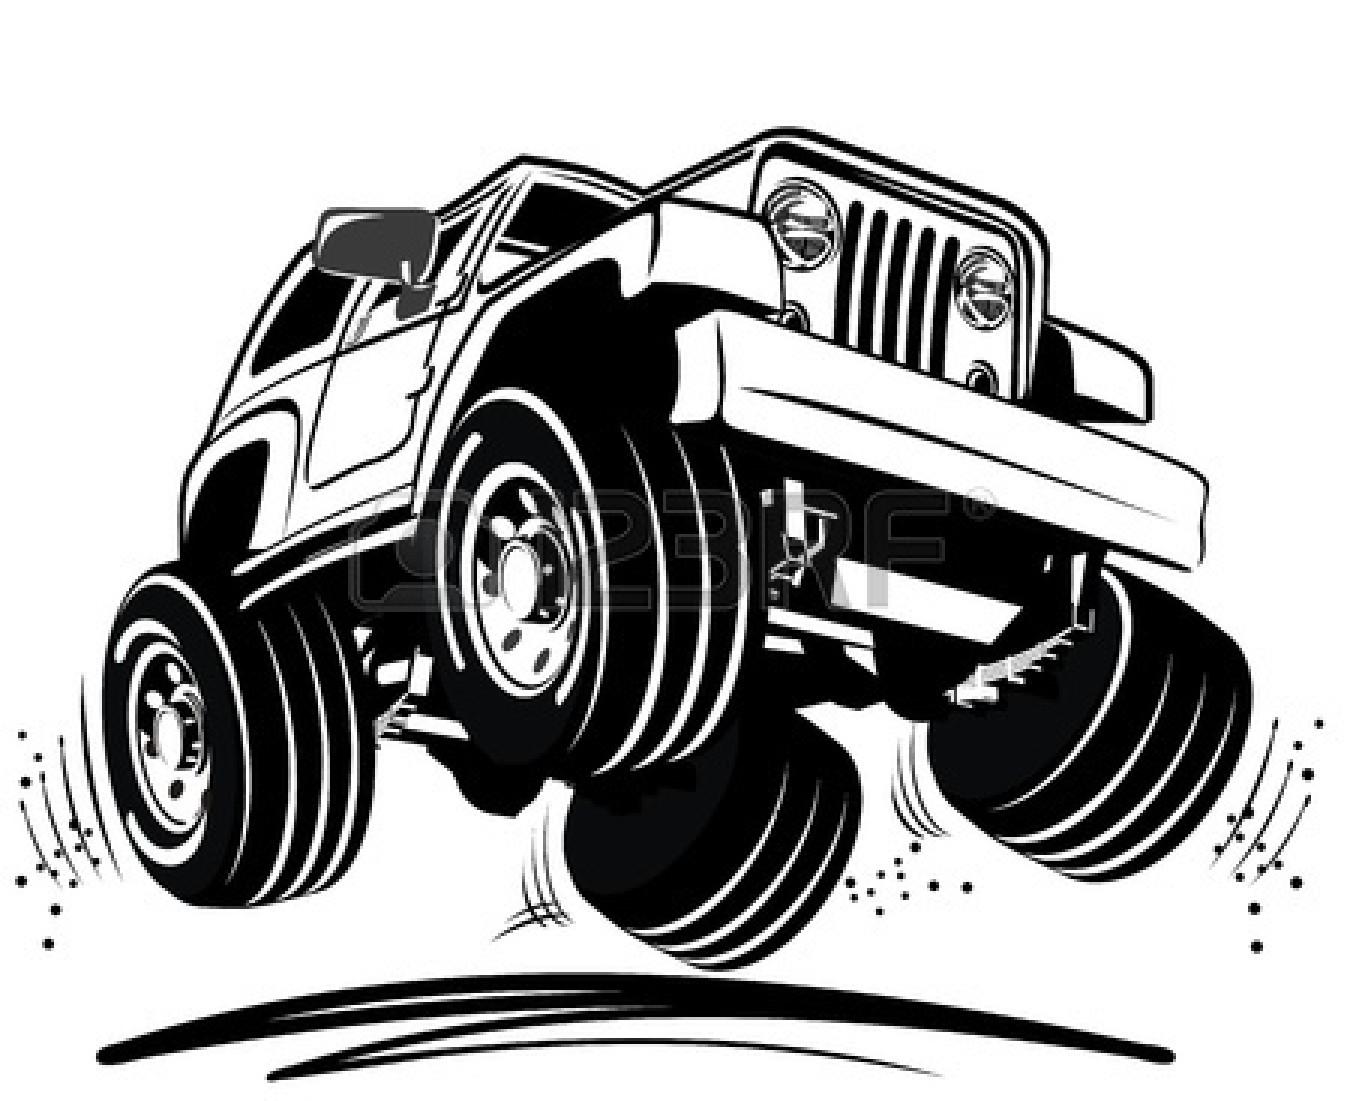 dibujos animados 4 ruedas motrices.